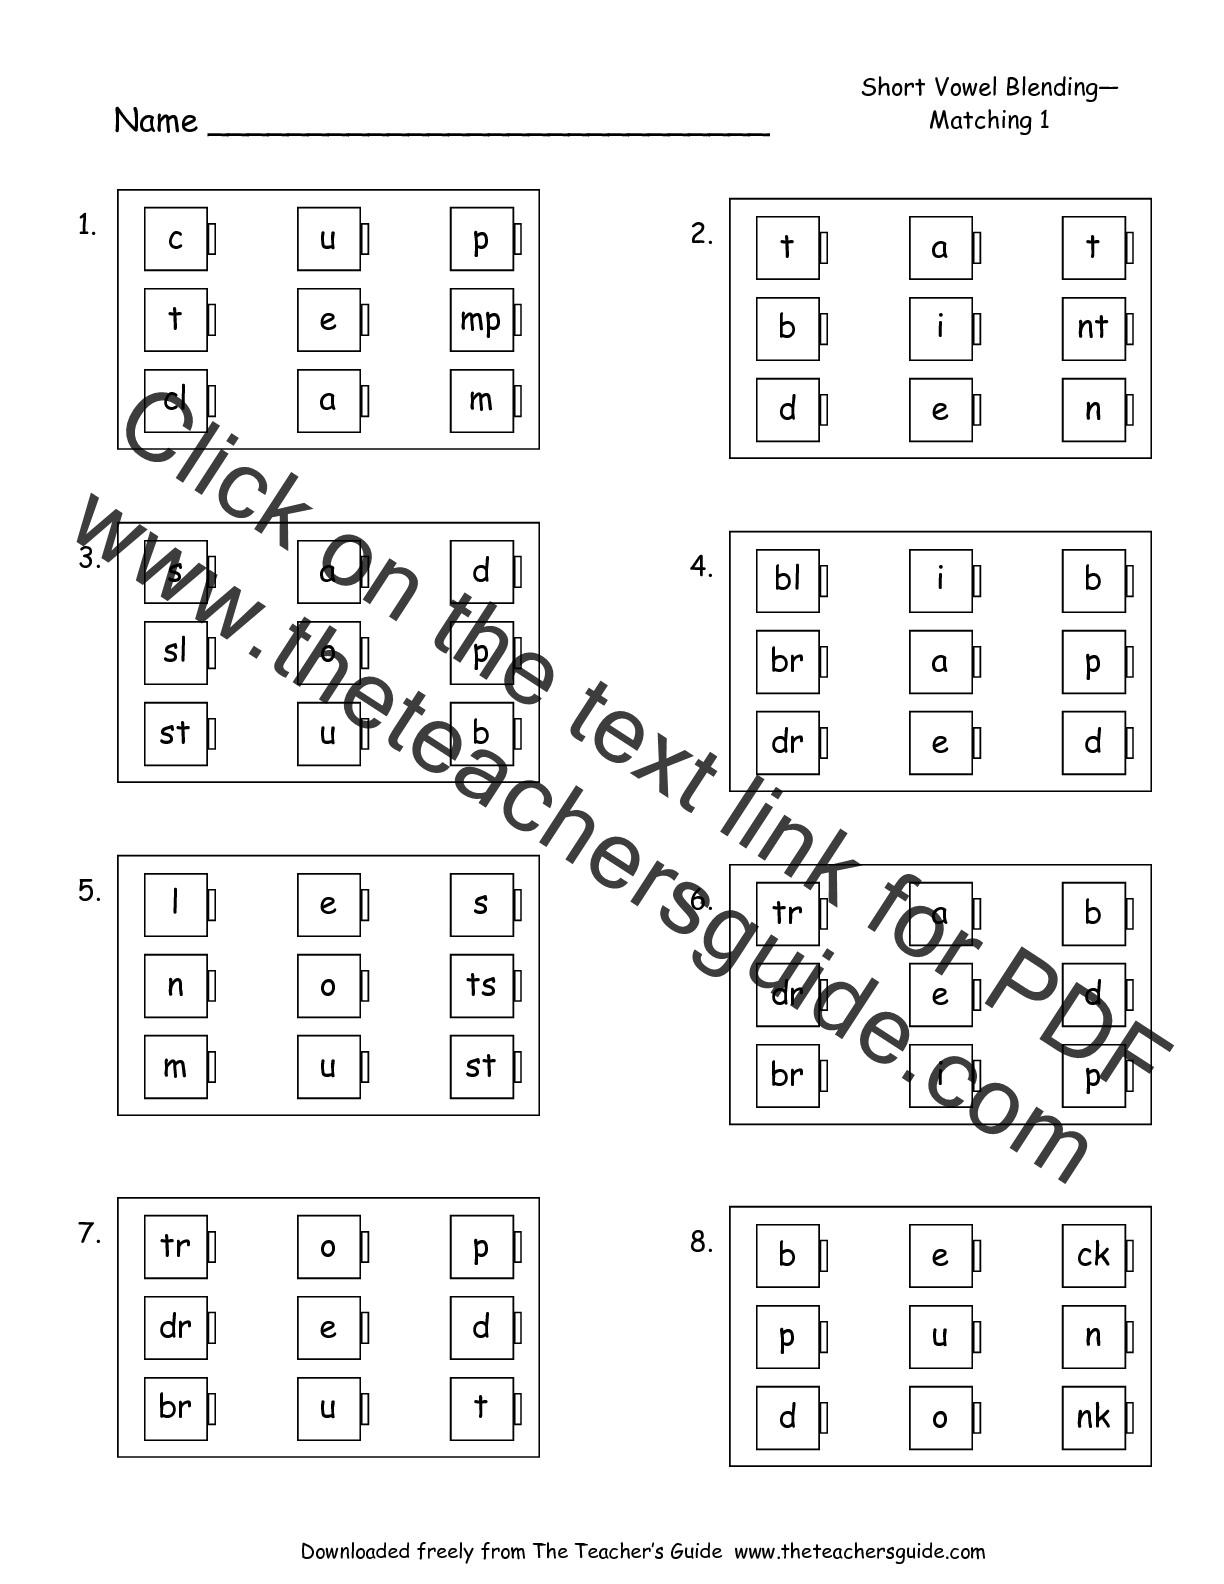 Worksheet Blend Phonics worksheet blend phonics mikyu free index of sh vowel matching 1 001 jpg